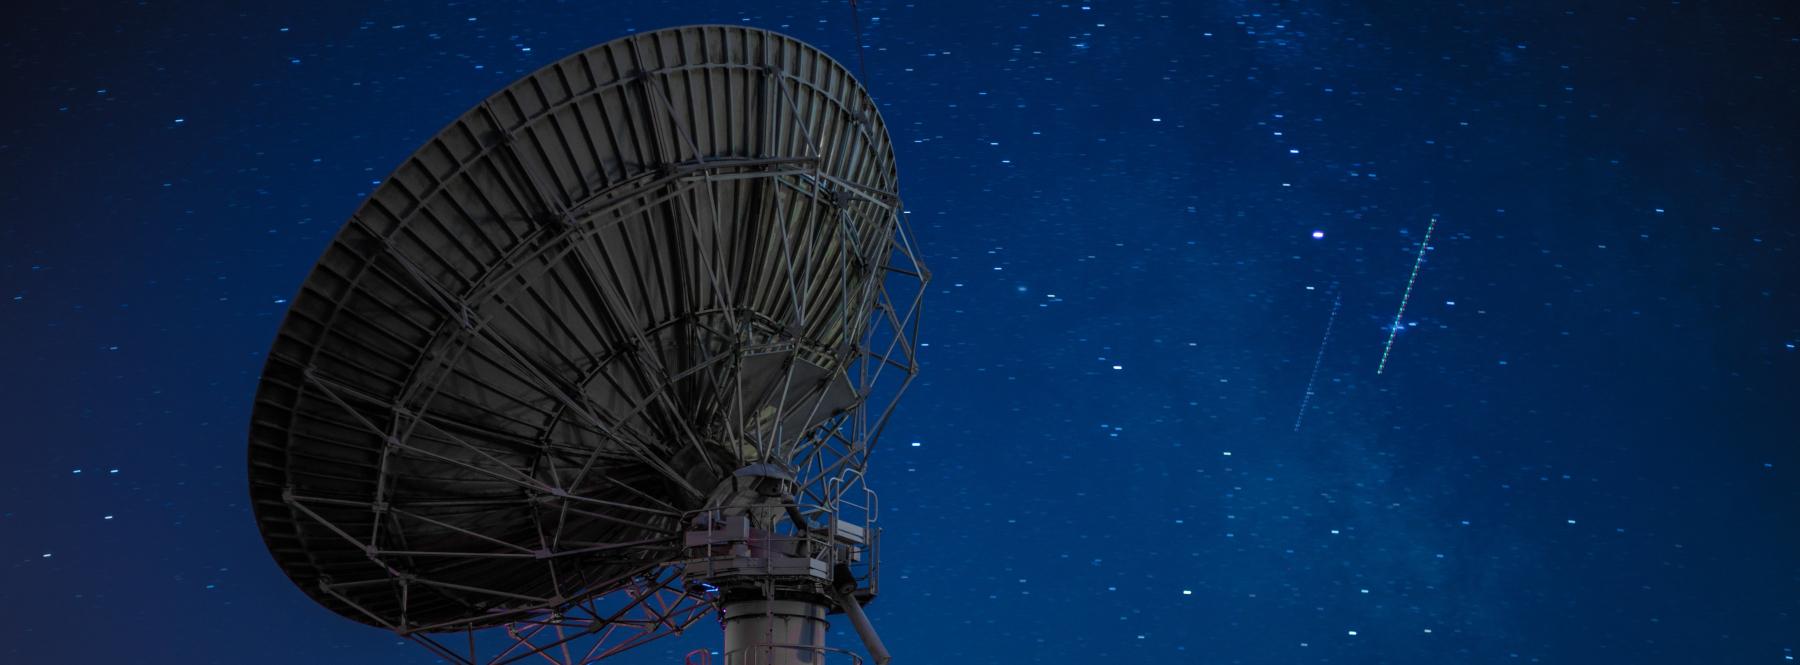 La ONU lanza una alerta: la basura espacial ya afecta a las comunicaciones terrestres